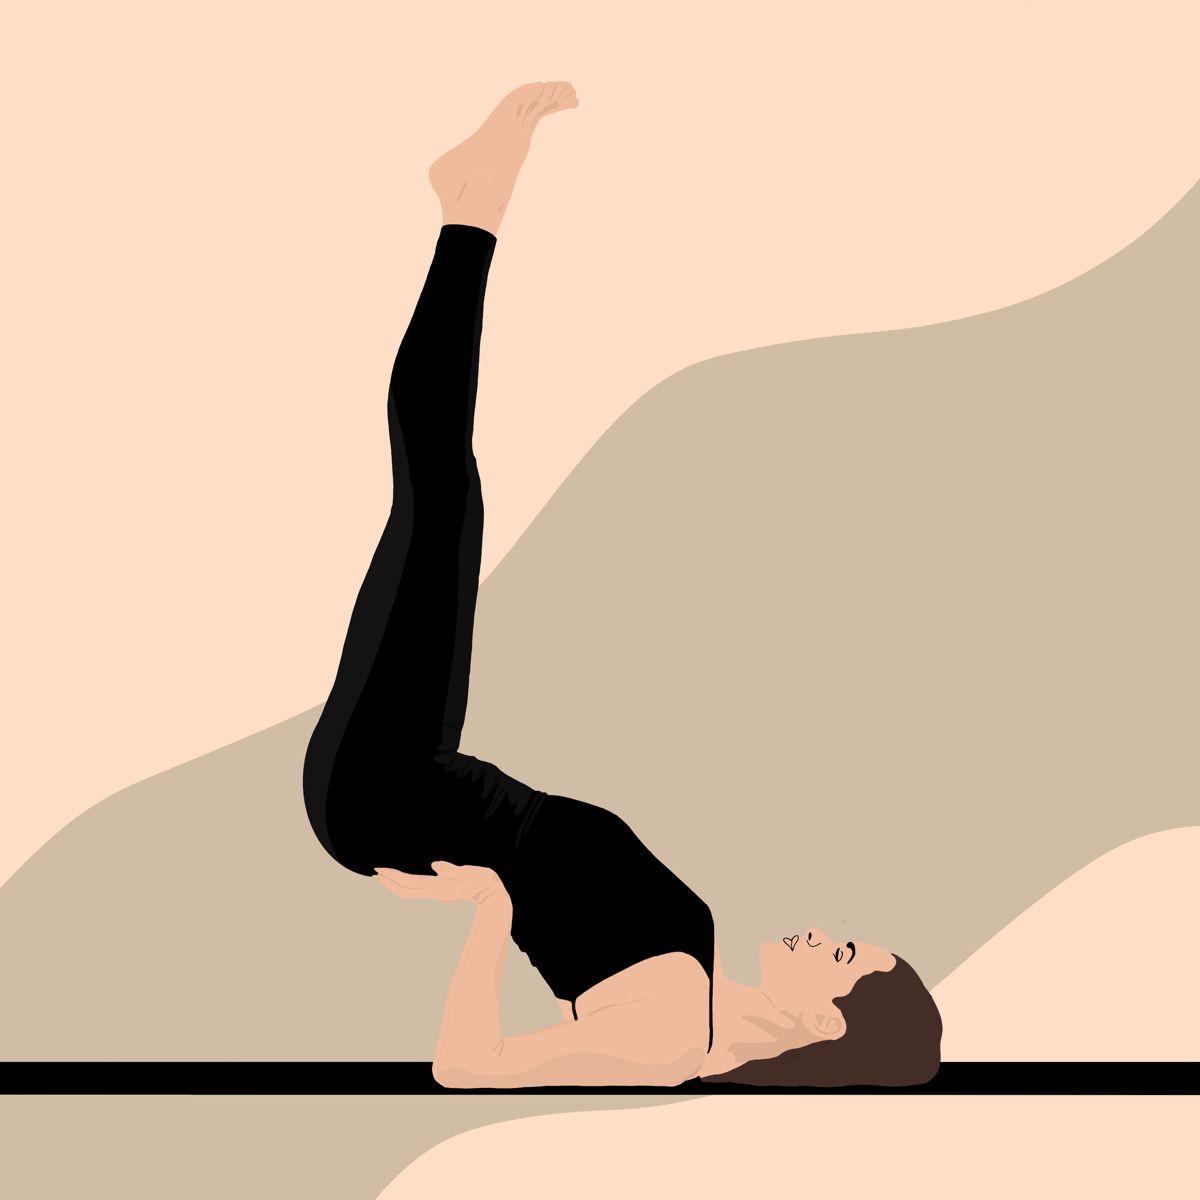 Ketis Art On Instagram Yoga Time In 2021 Yoga Illustration Yoga Art Illustration Art Girl